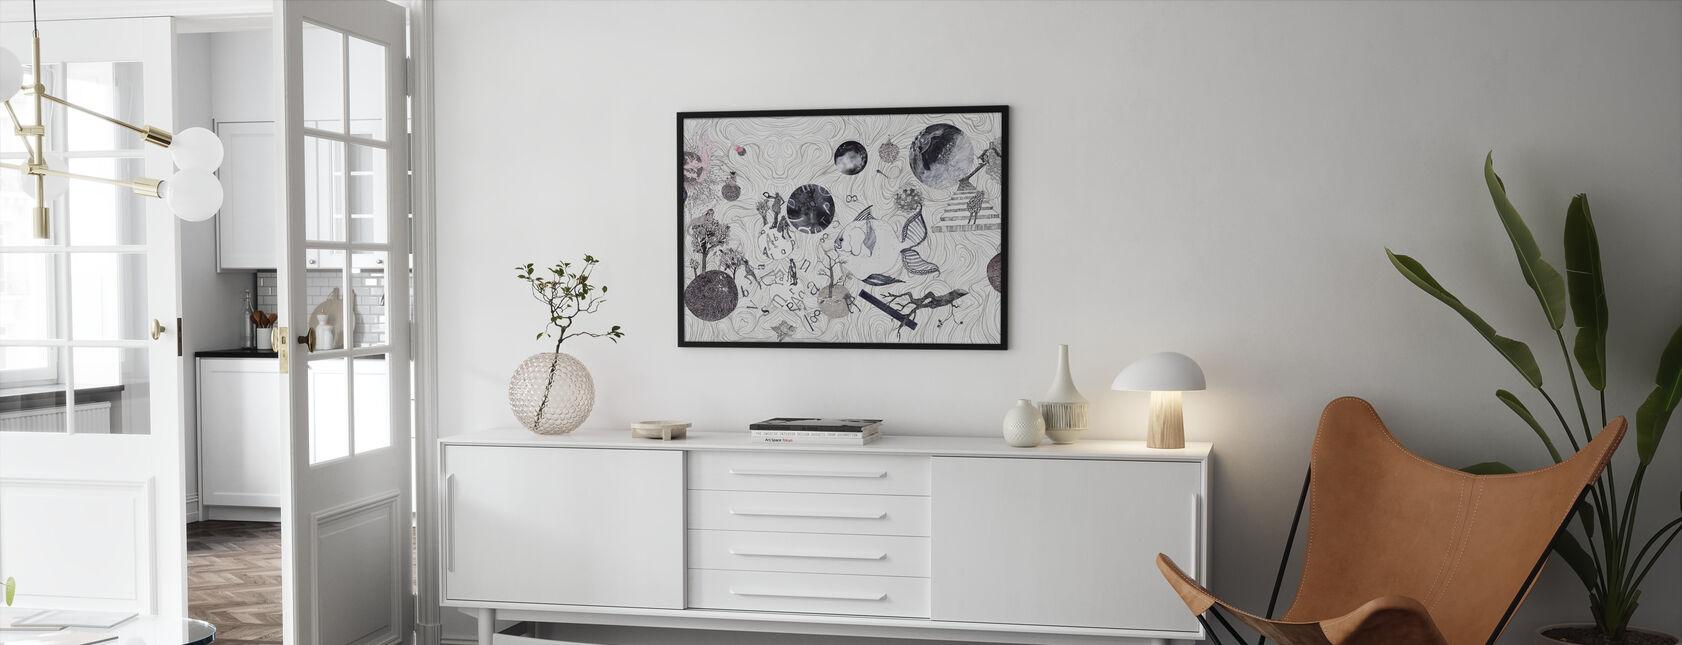 Mundi - Ingelijste print - Woonkamer